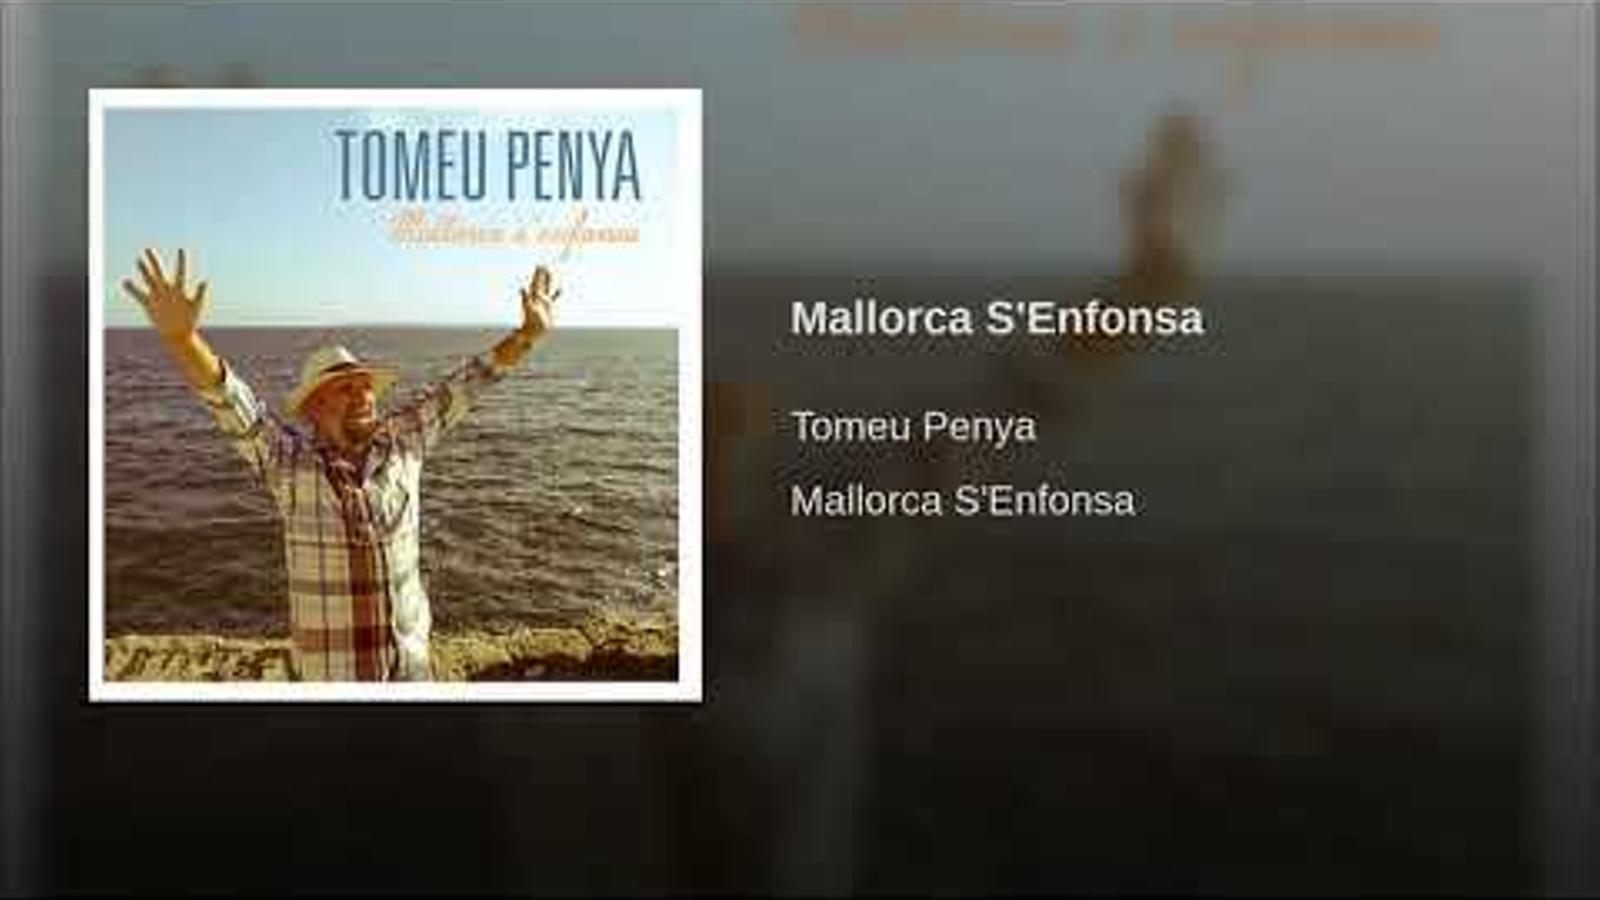 'Mallorca s'enfosa', la novedat de Tomeu Penya aquest estiu